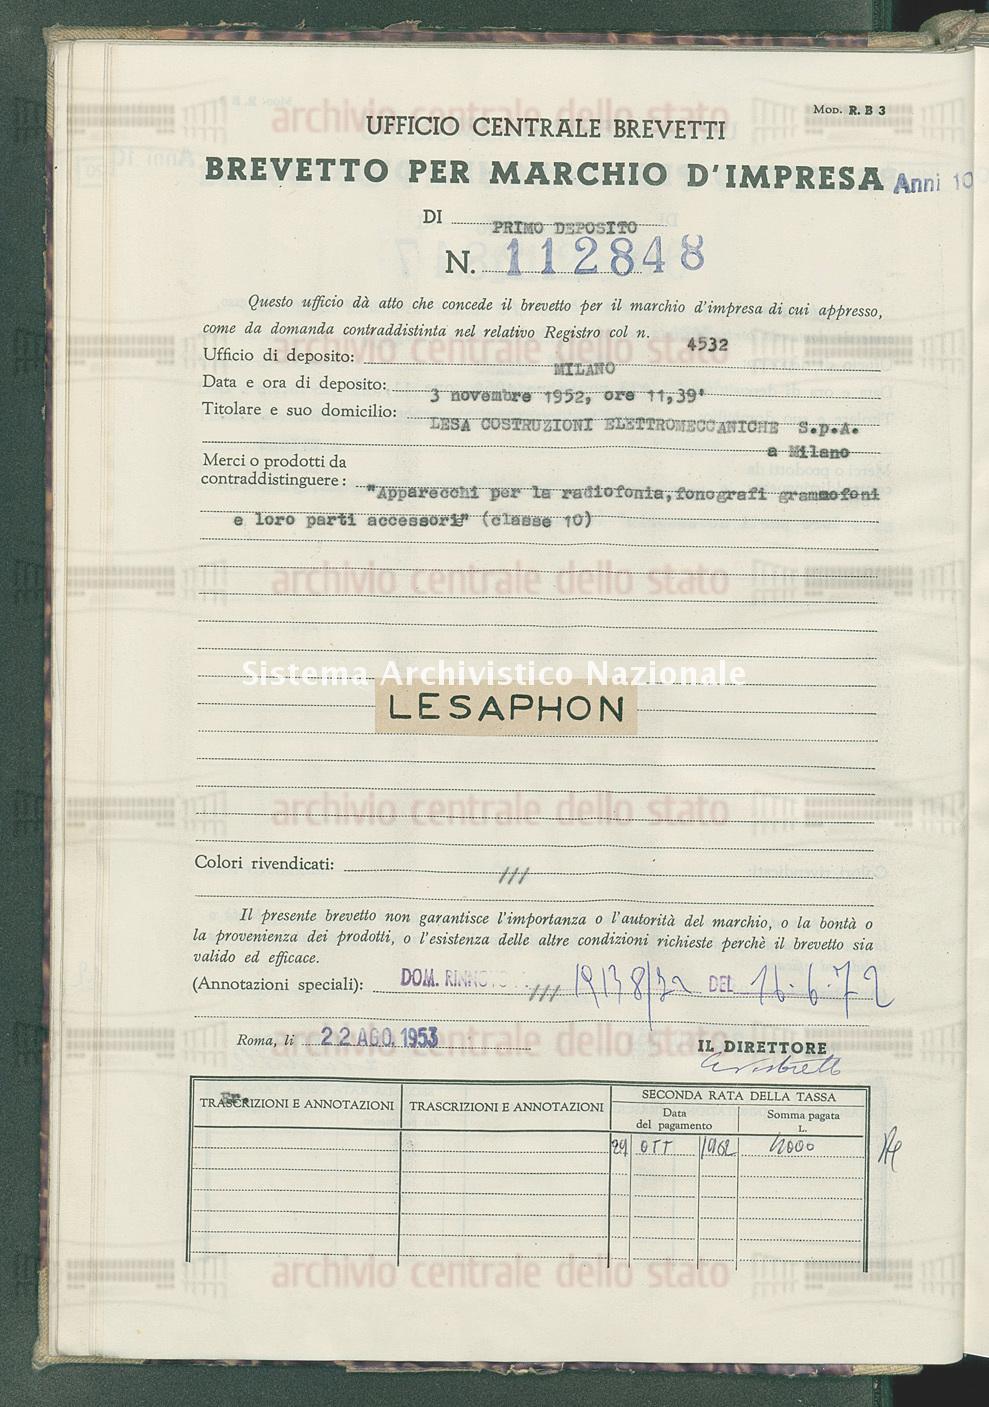 'Apparecchi per la radiofonia, fonografi, grammofoni e loro parti ecc. Lesa Costruzioni Elettromeccaniche S.P.A. (22/08/1953)